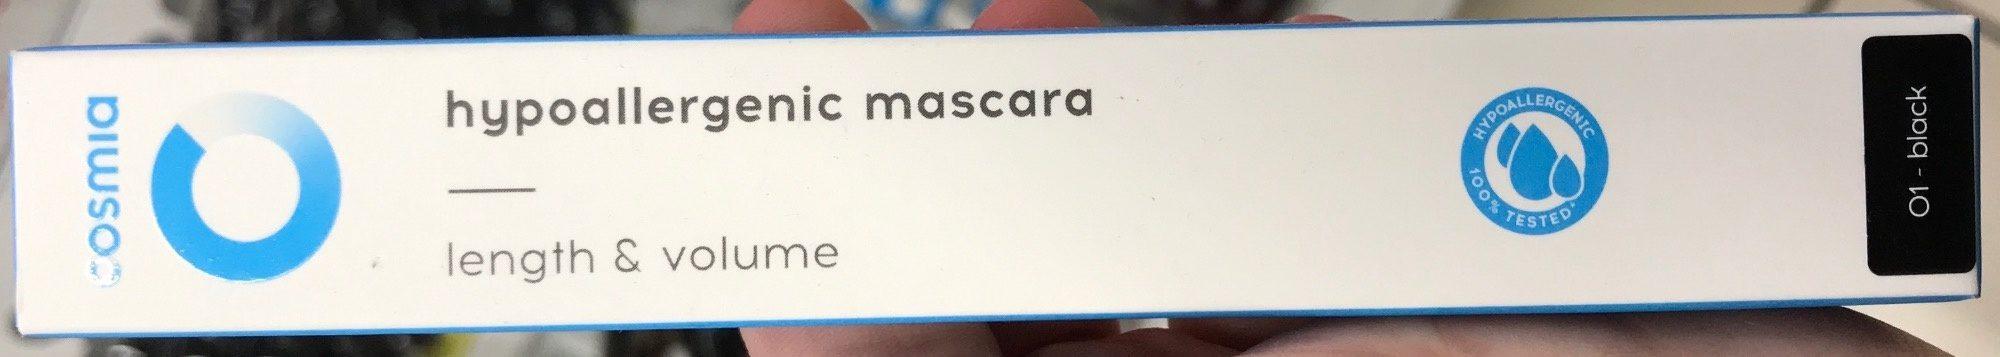 Mascara hypoallergénique Noir 01 - Product - fr